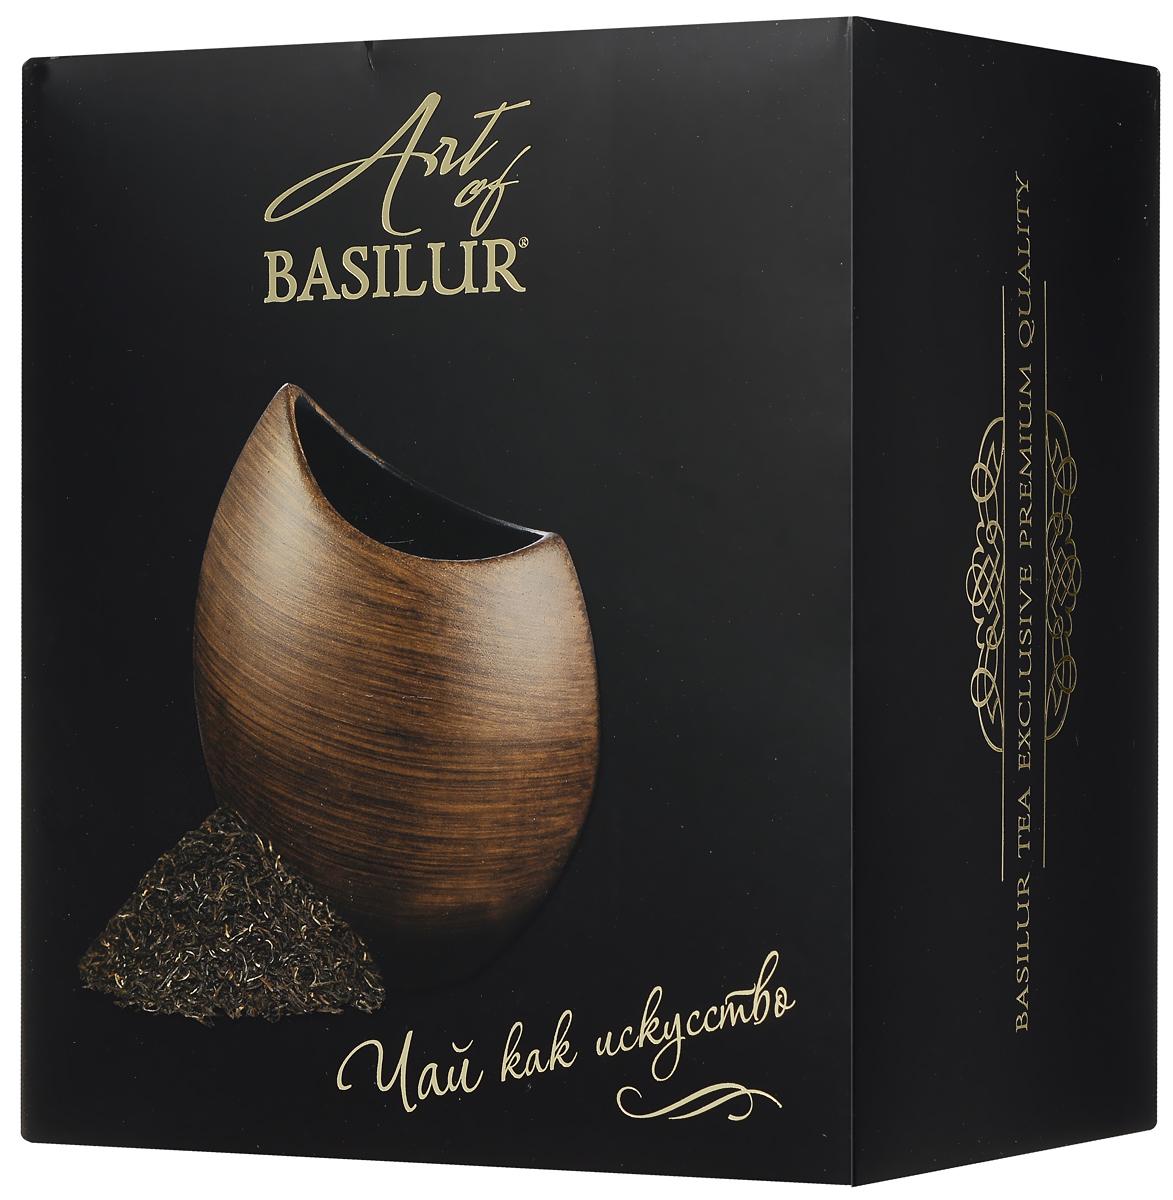 Basilur Special черный листовой чай + ваза Аура Дерево, 100 г50320-00Уникальный стильный набор Art Of Basilur представляет собой дизайнерскую керамическую вазу и элитный цейлонский чай Basilur Special. Особый, качественный черный листовой чай с типсами - верхними молодыми чайными почками - привнесет вкус роскоши, а элегантная керамическая ваза Аура послужит прекрасным дополнением к интерьеру вашего дома. Ваза изготовлена из керамики высокого качества и стилизована под деревянную текстуру. Небольшой размер и утонченность линий вазы подчеркнут красоту яркого невысокого букета цветов или может использоваться в качестве стильного декоративного элемента. Она подчеркнет богатство интерьера и оригинальный вкус владельца, а качественный цейлонский чай окажется приятным согревающим дополнением. Материал вазы: керамика Высота вазы: 18 см Размер отверстия для цветов: 10 x 6 см Диаметр основания вазы: 6,5 см Страна-изготовитель вазы: Китай